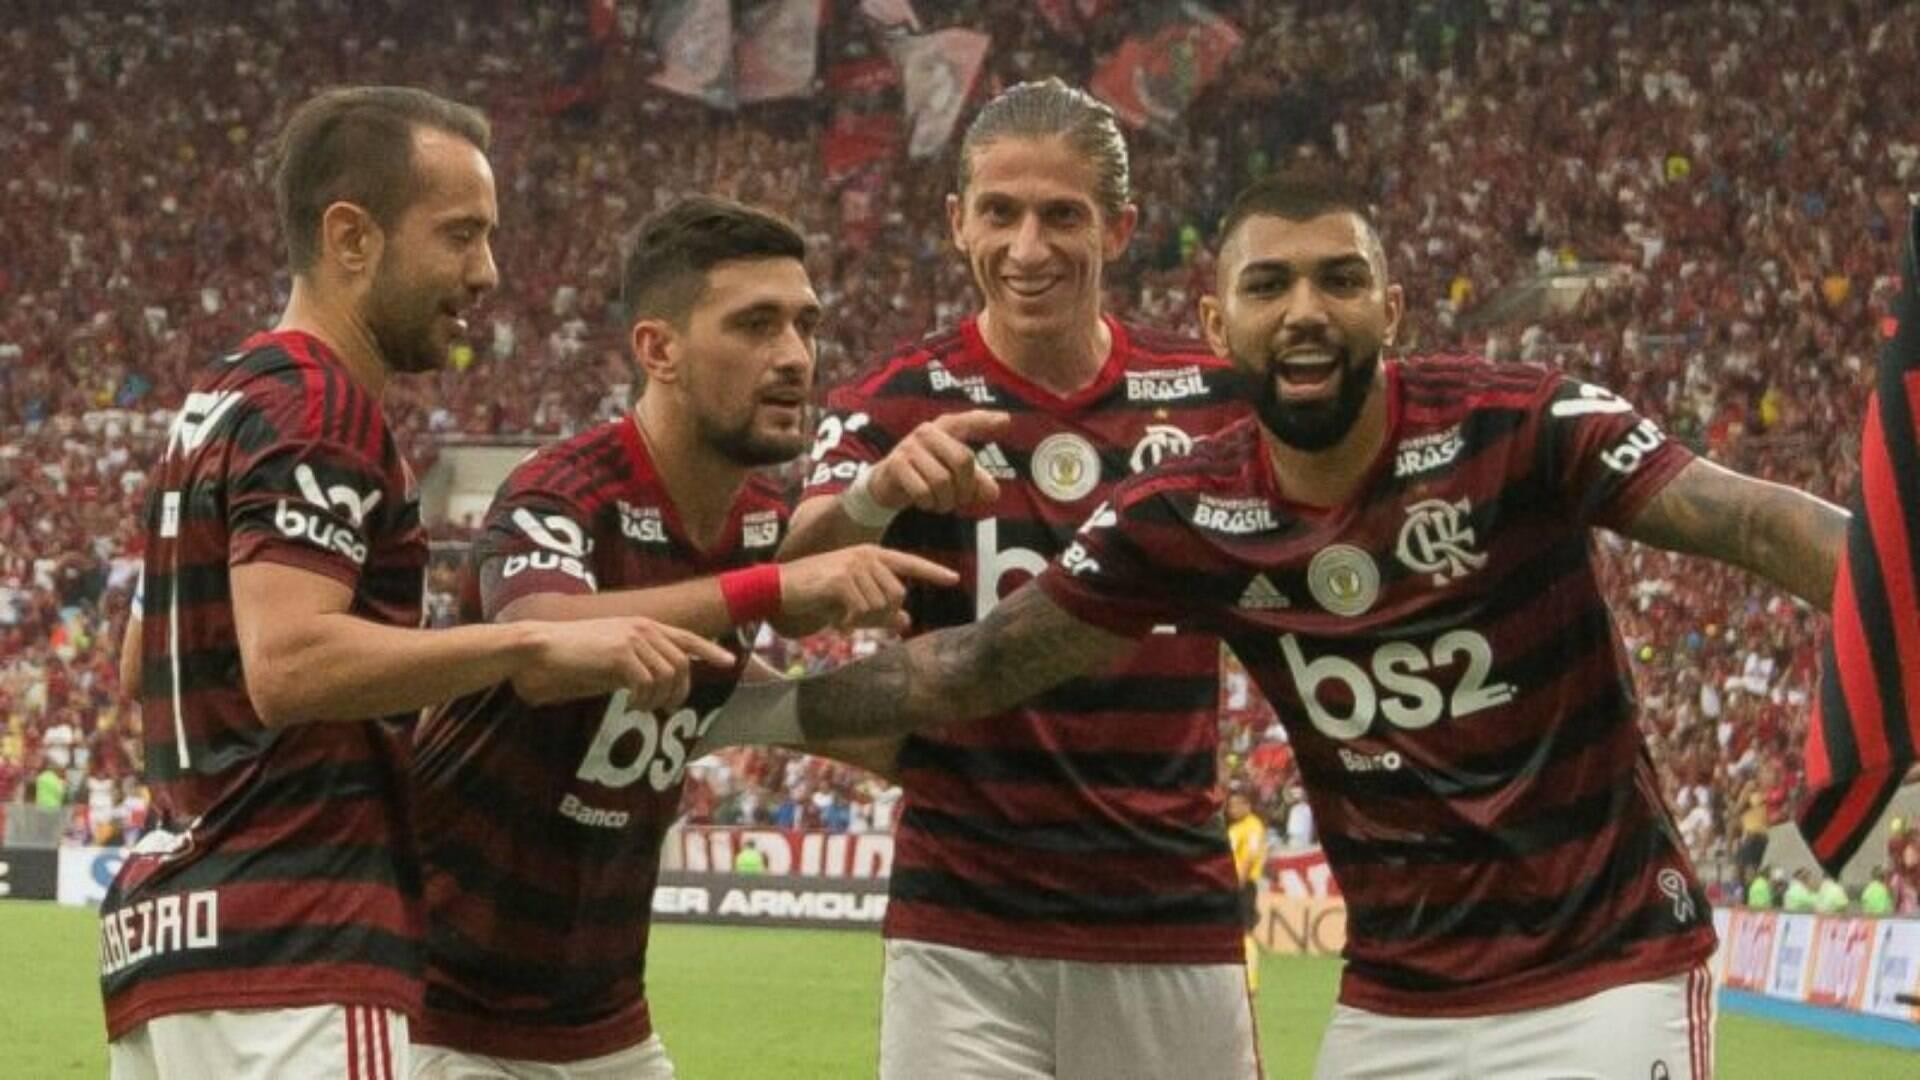 Problema No Joelho Pode Atrapalhar Titular Do Flamengo No